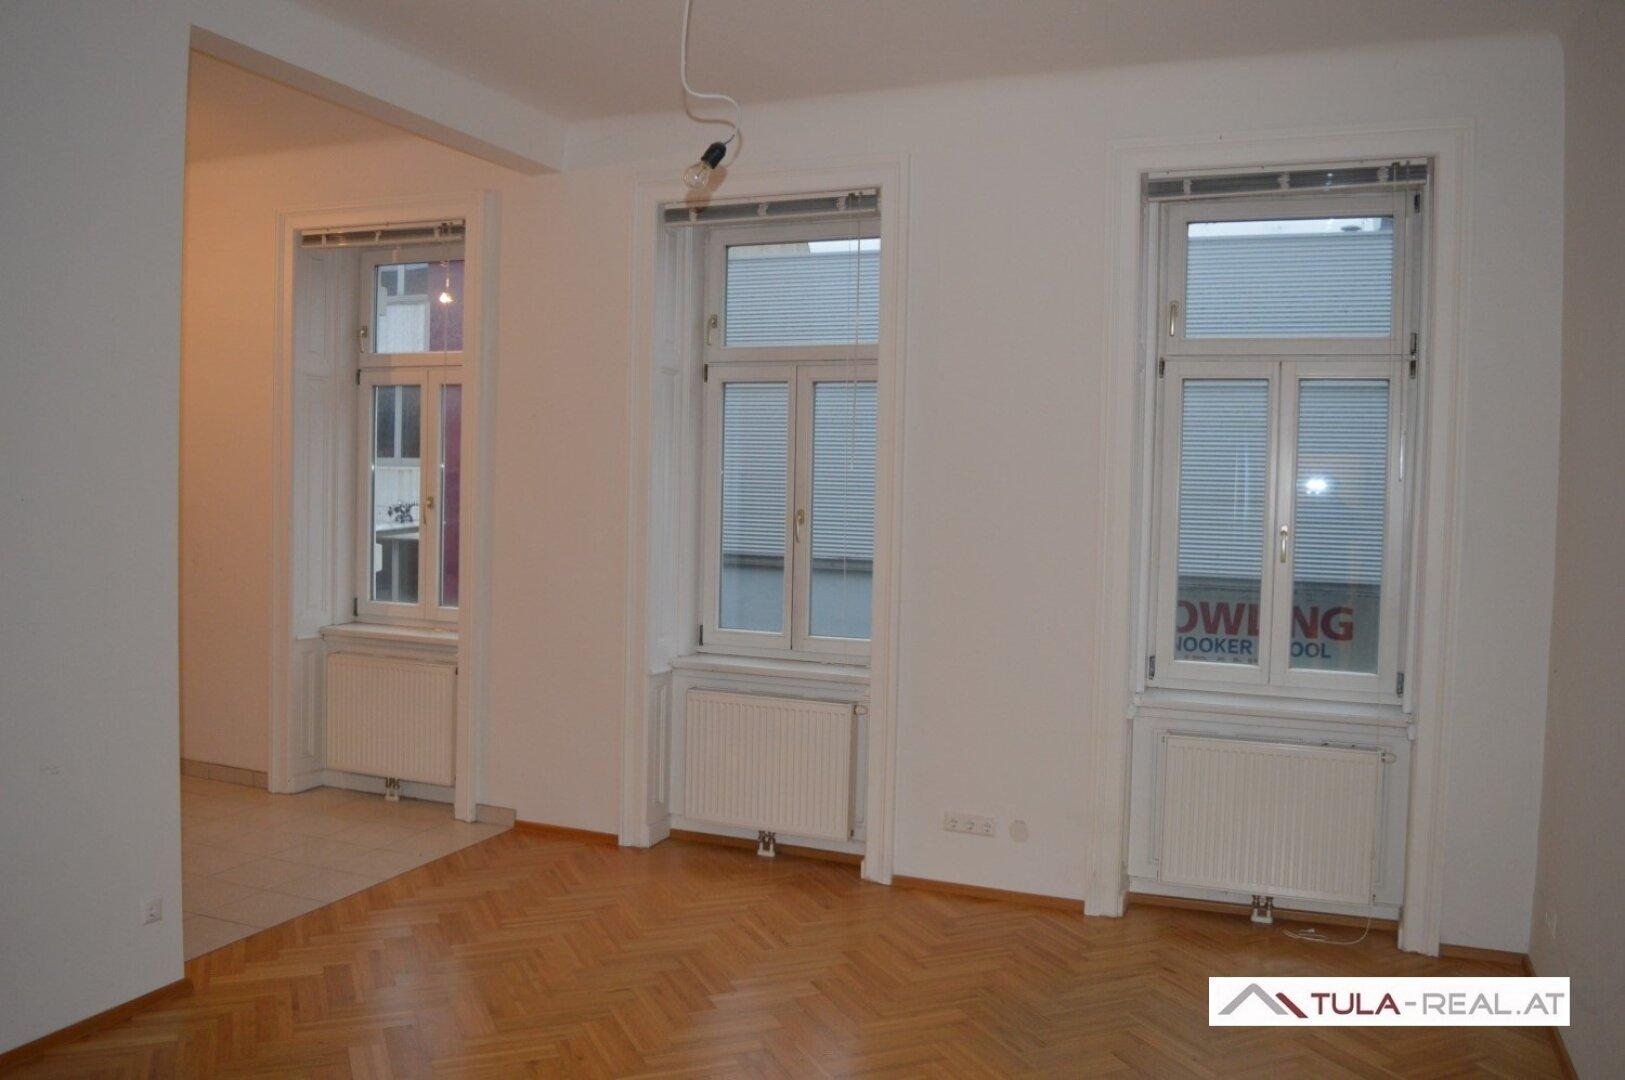 Wohnzimmer (Archivfoto bei Tageslicht)